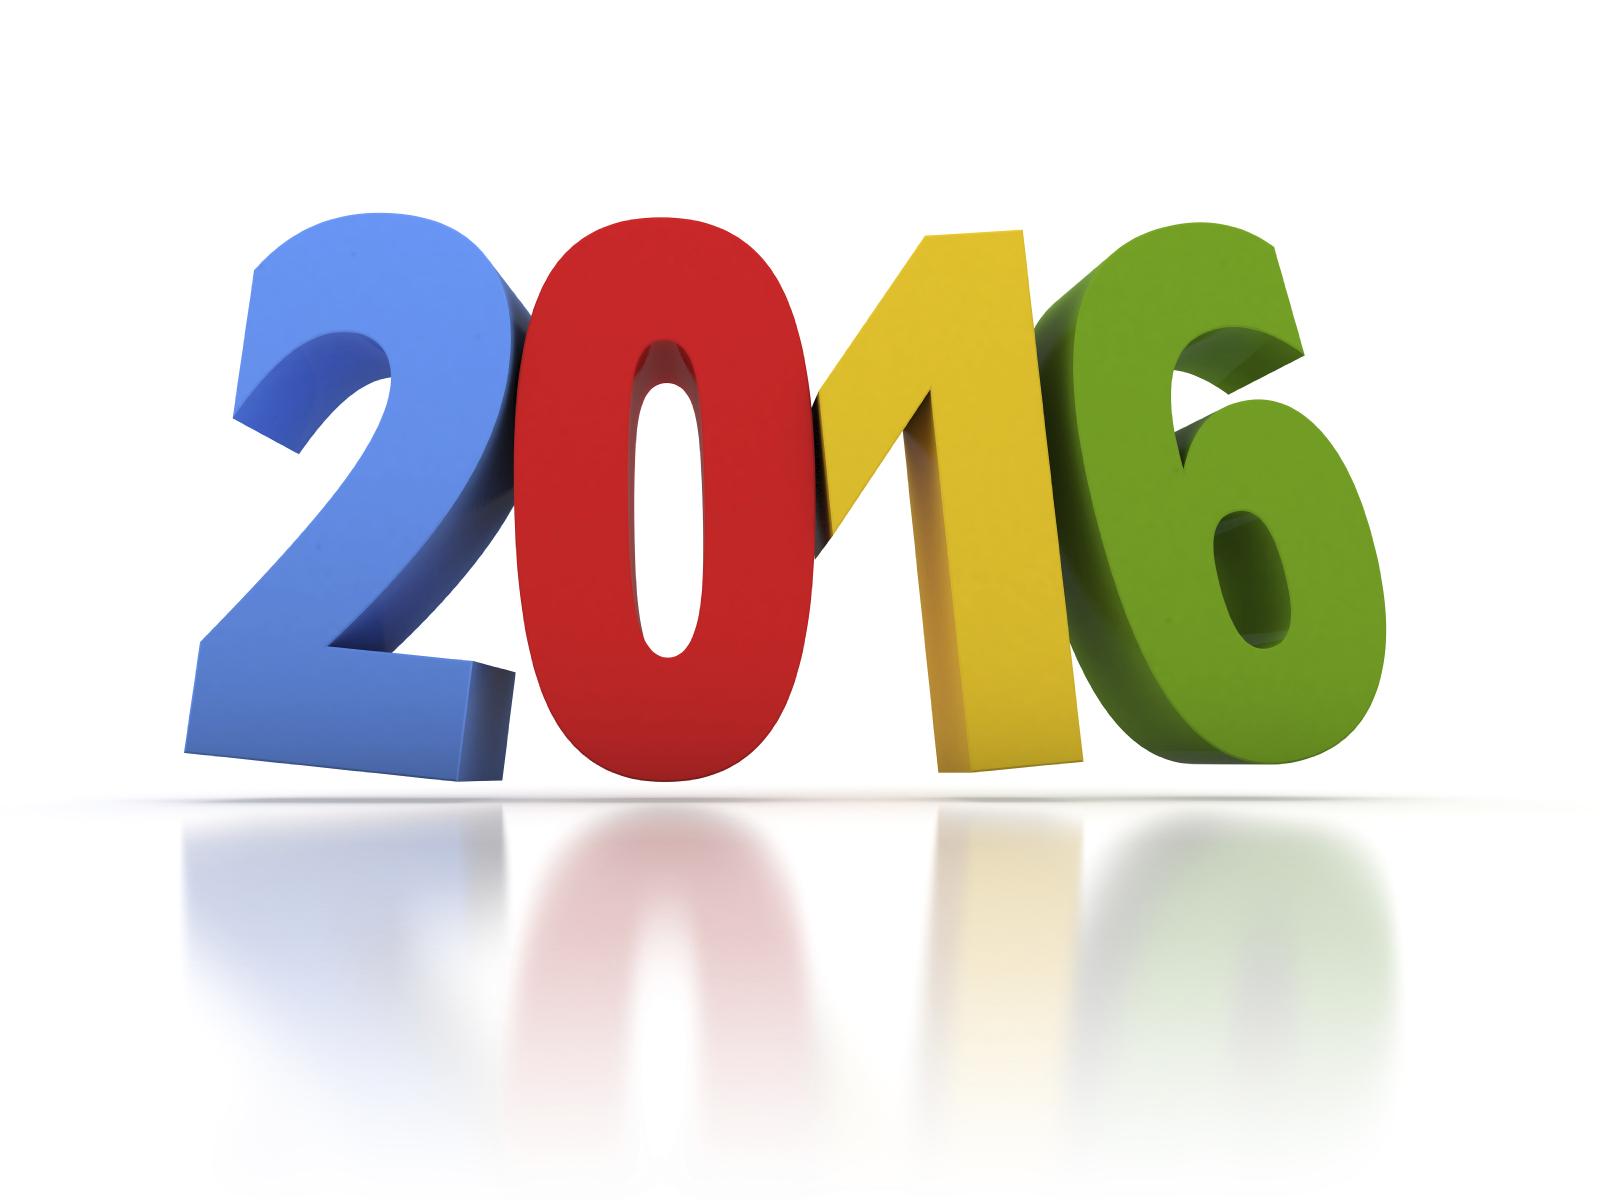 Dati DEFINITIVI anno 2016